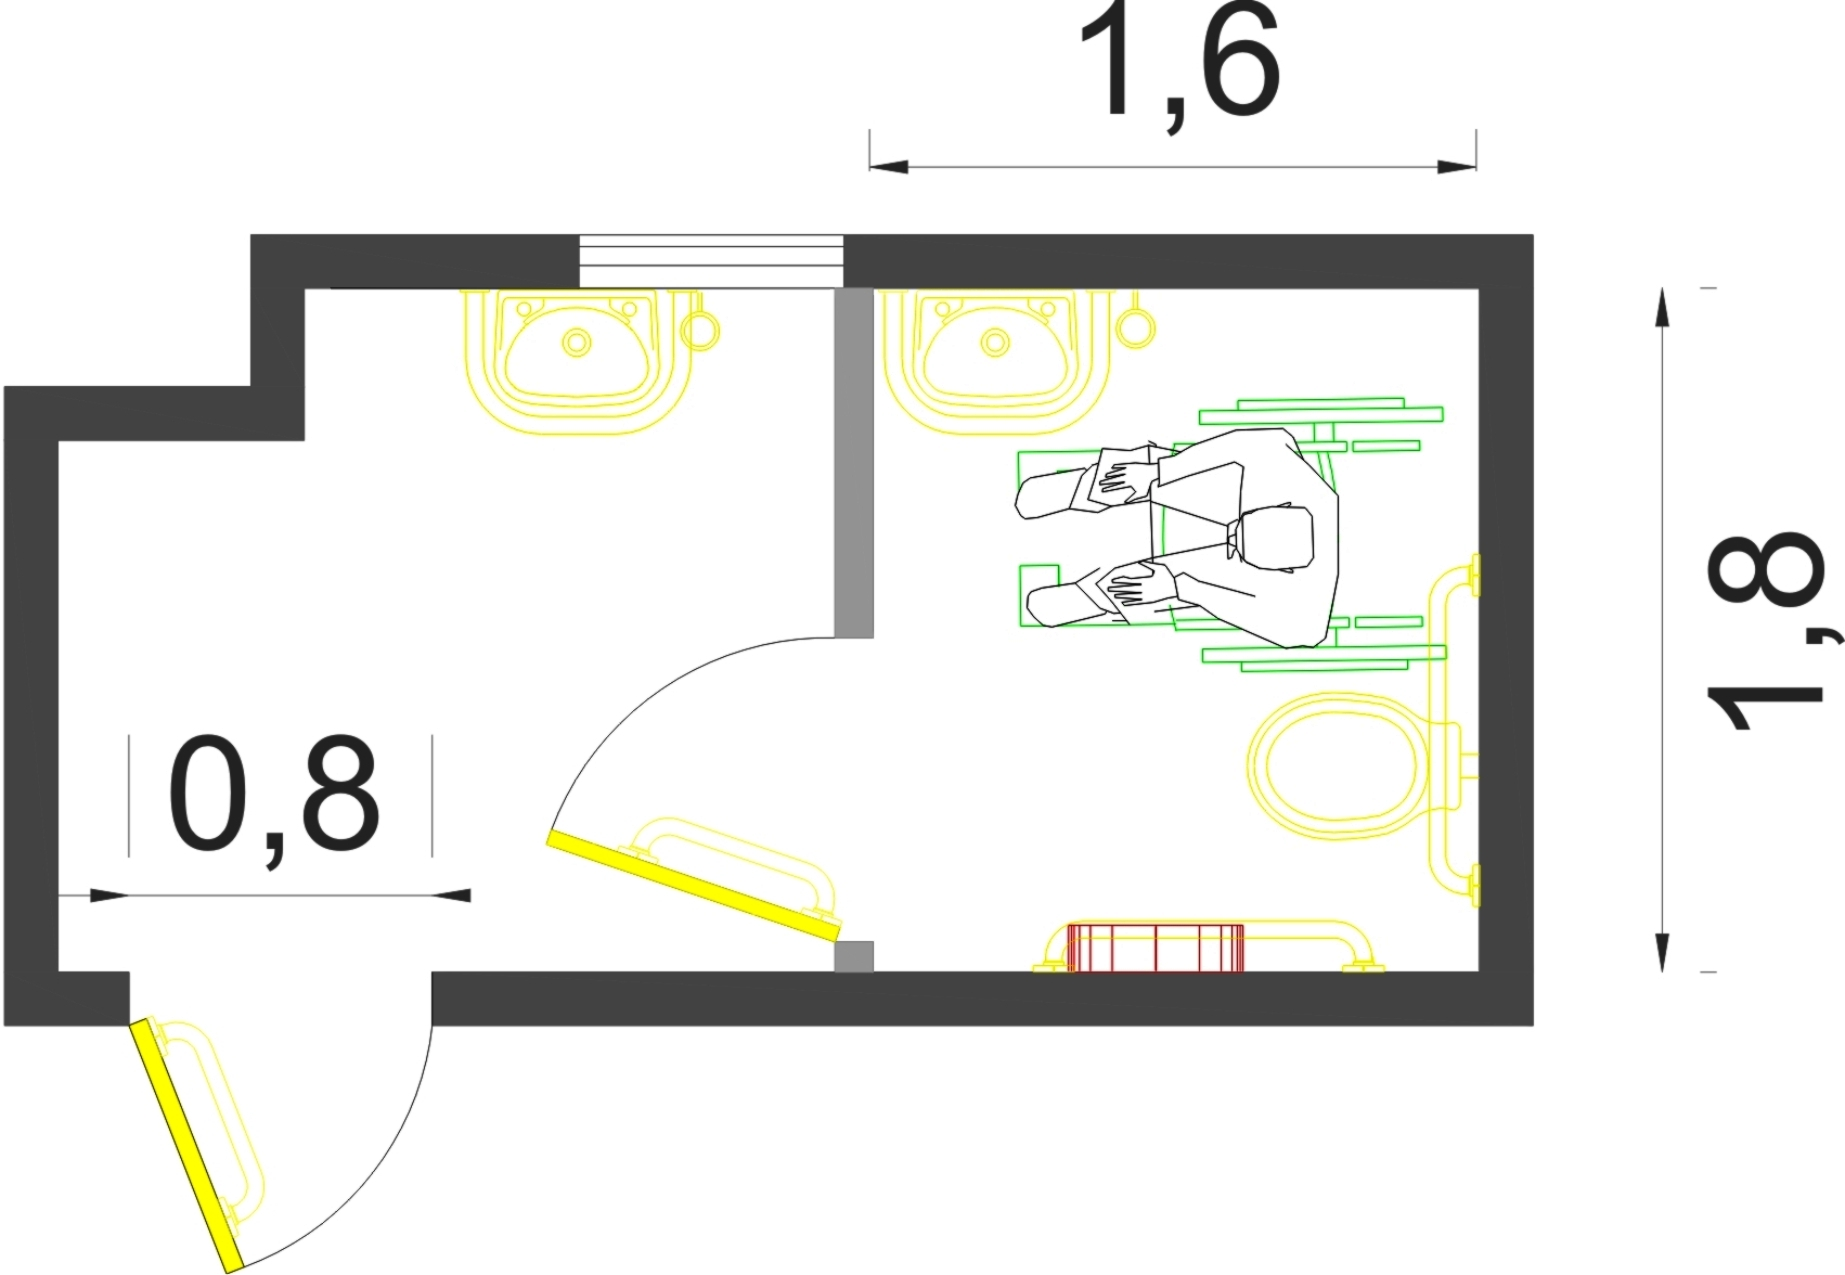 Proposta para um Sanitário ser Acessível Arquitetura Acessível #BFBF0C 1845x1275 Banheiro Acessivel Planta Baixa